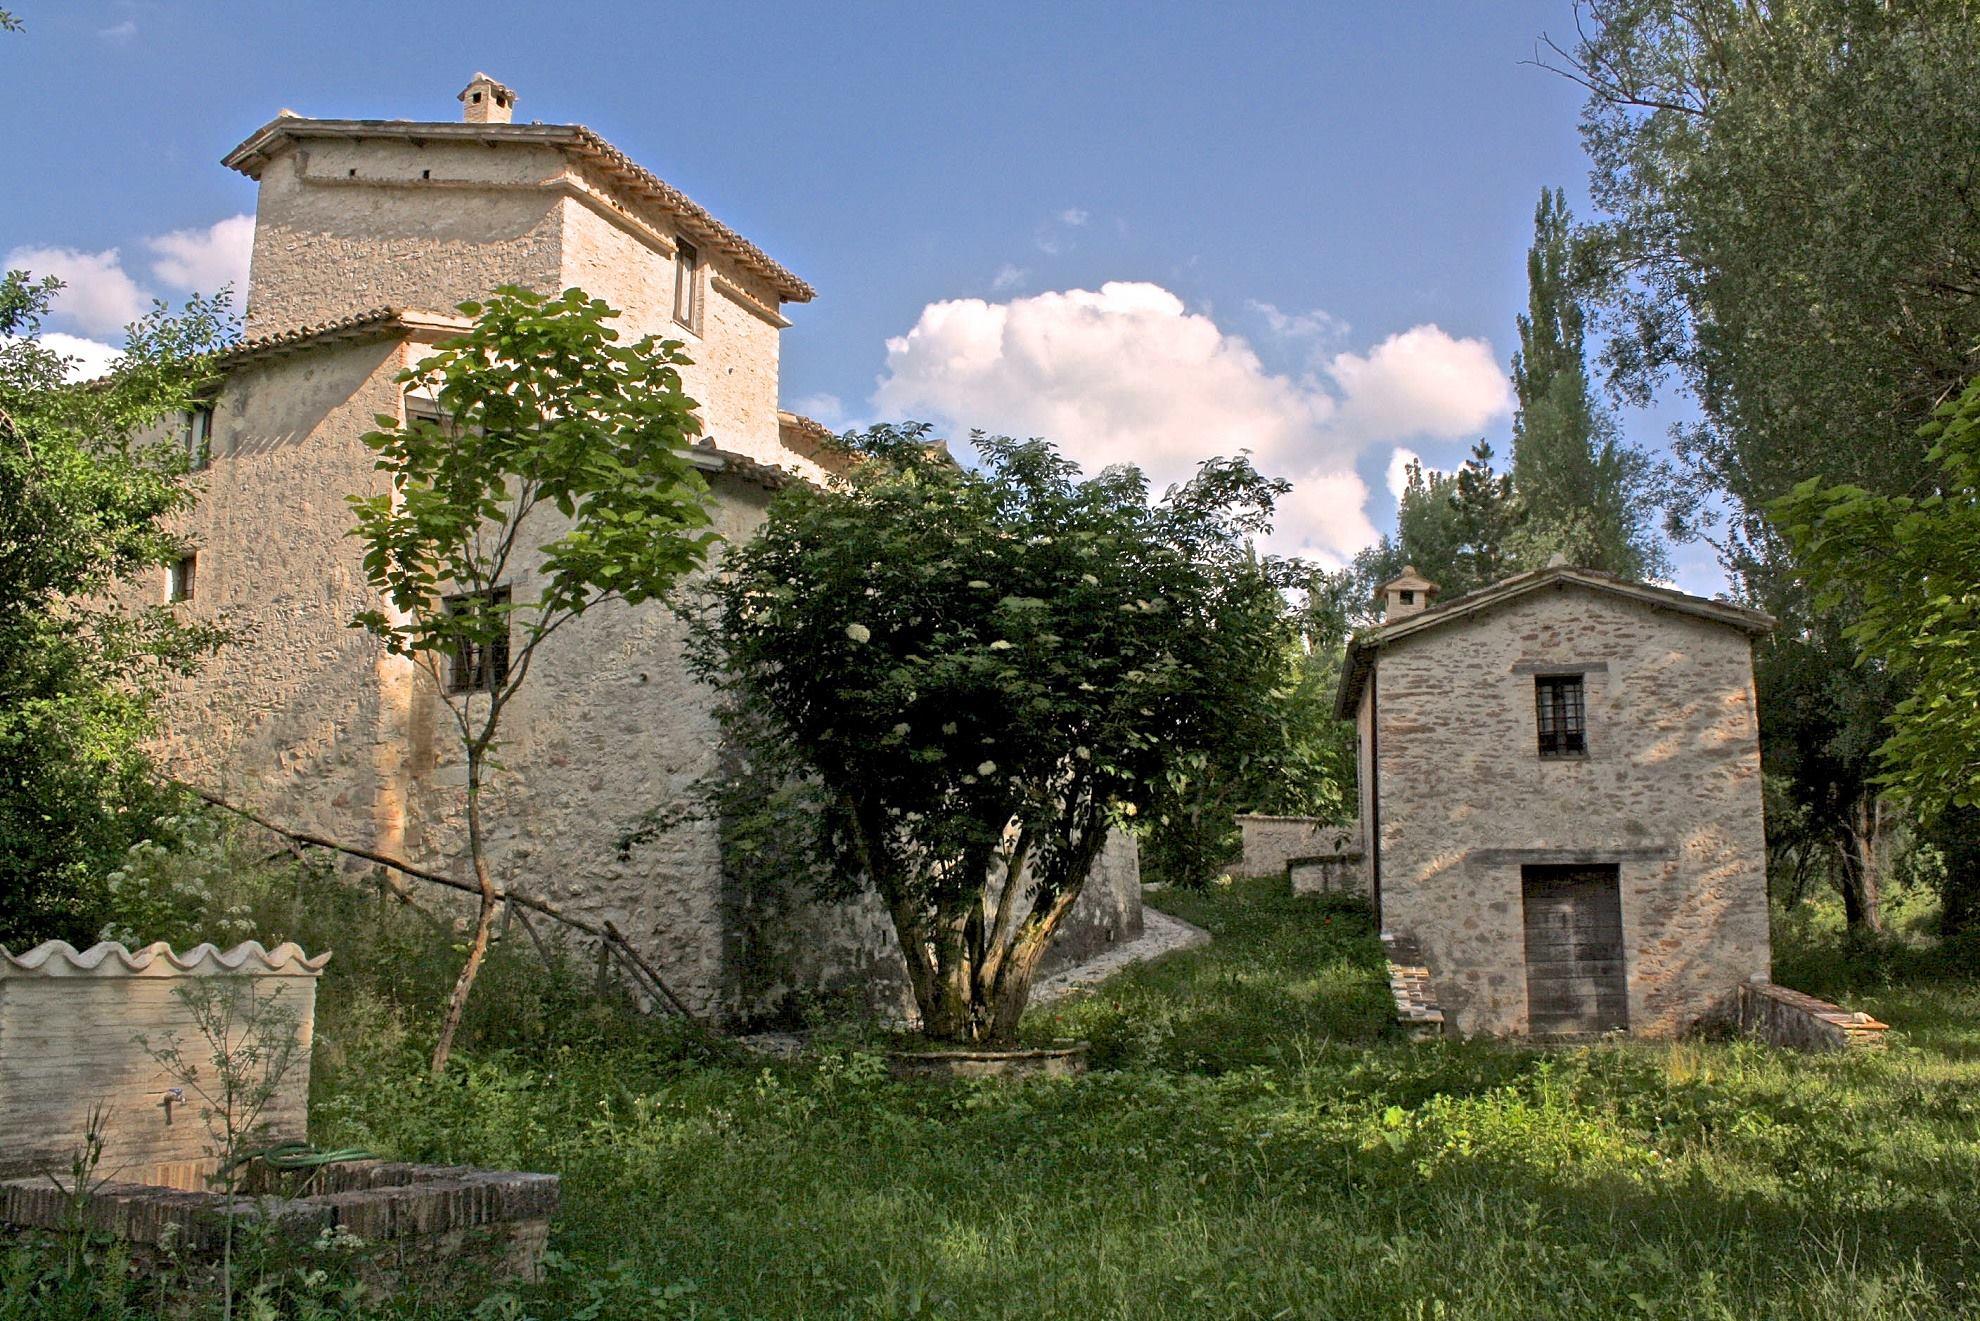 Agriturismo Casale Maggi: un antico casolare circondato da un bosco di 22 ettari attraversato dal fiume Menotre.